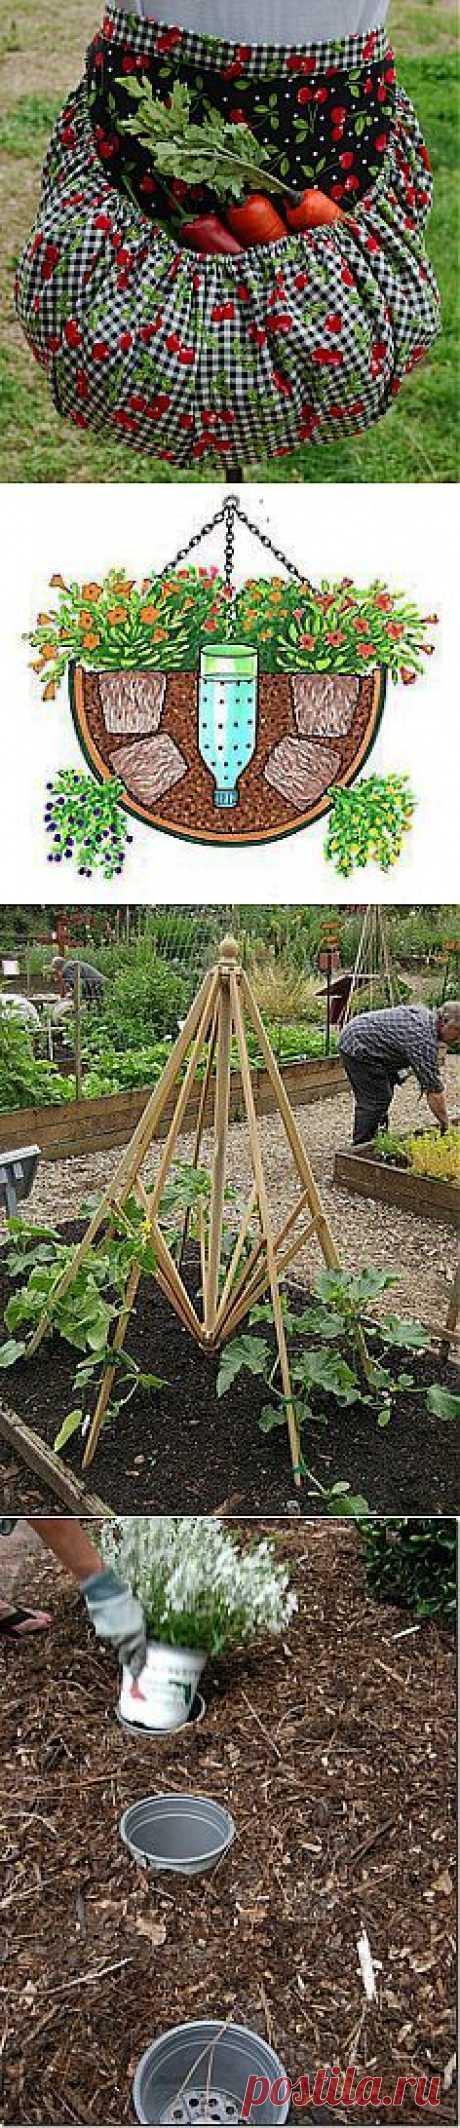 полезные и приятные мелочи в саду | СДЕЛАЙ САМ!